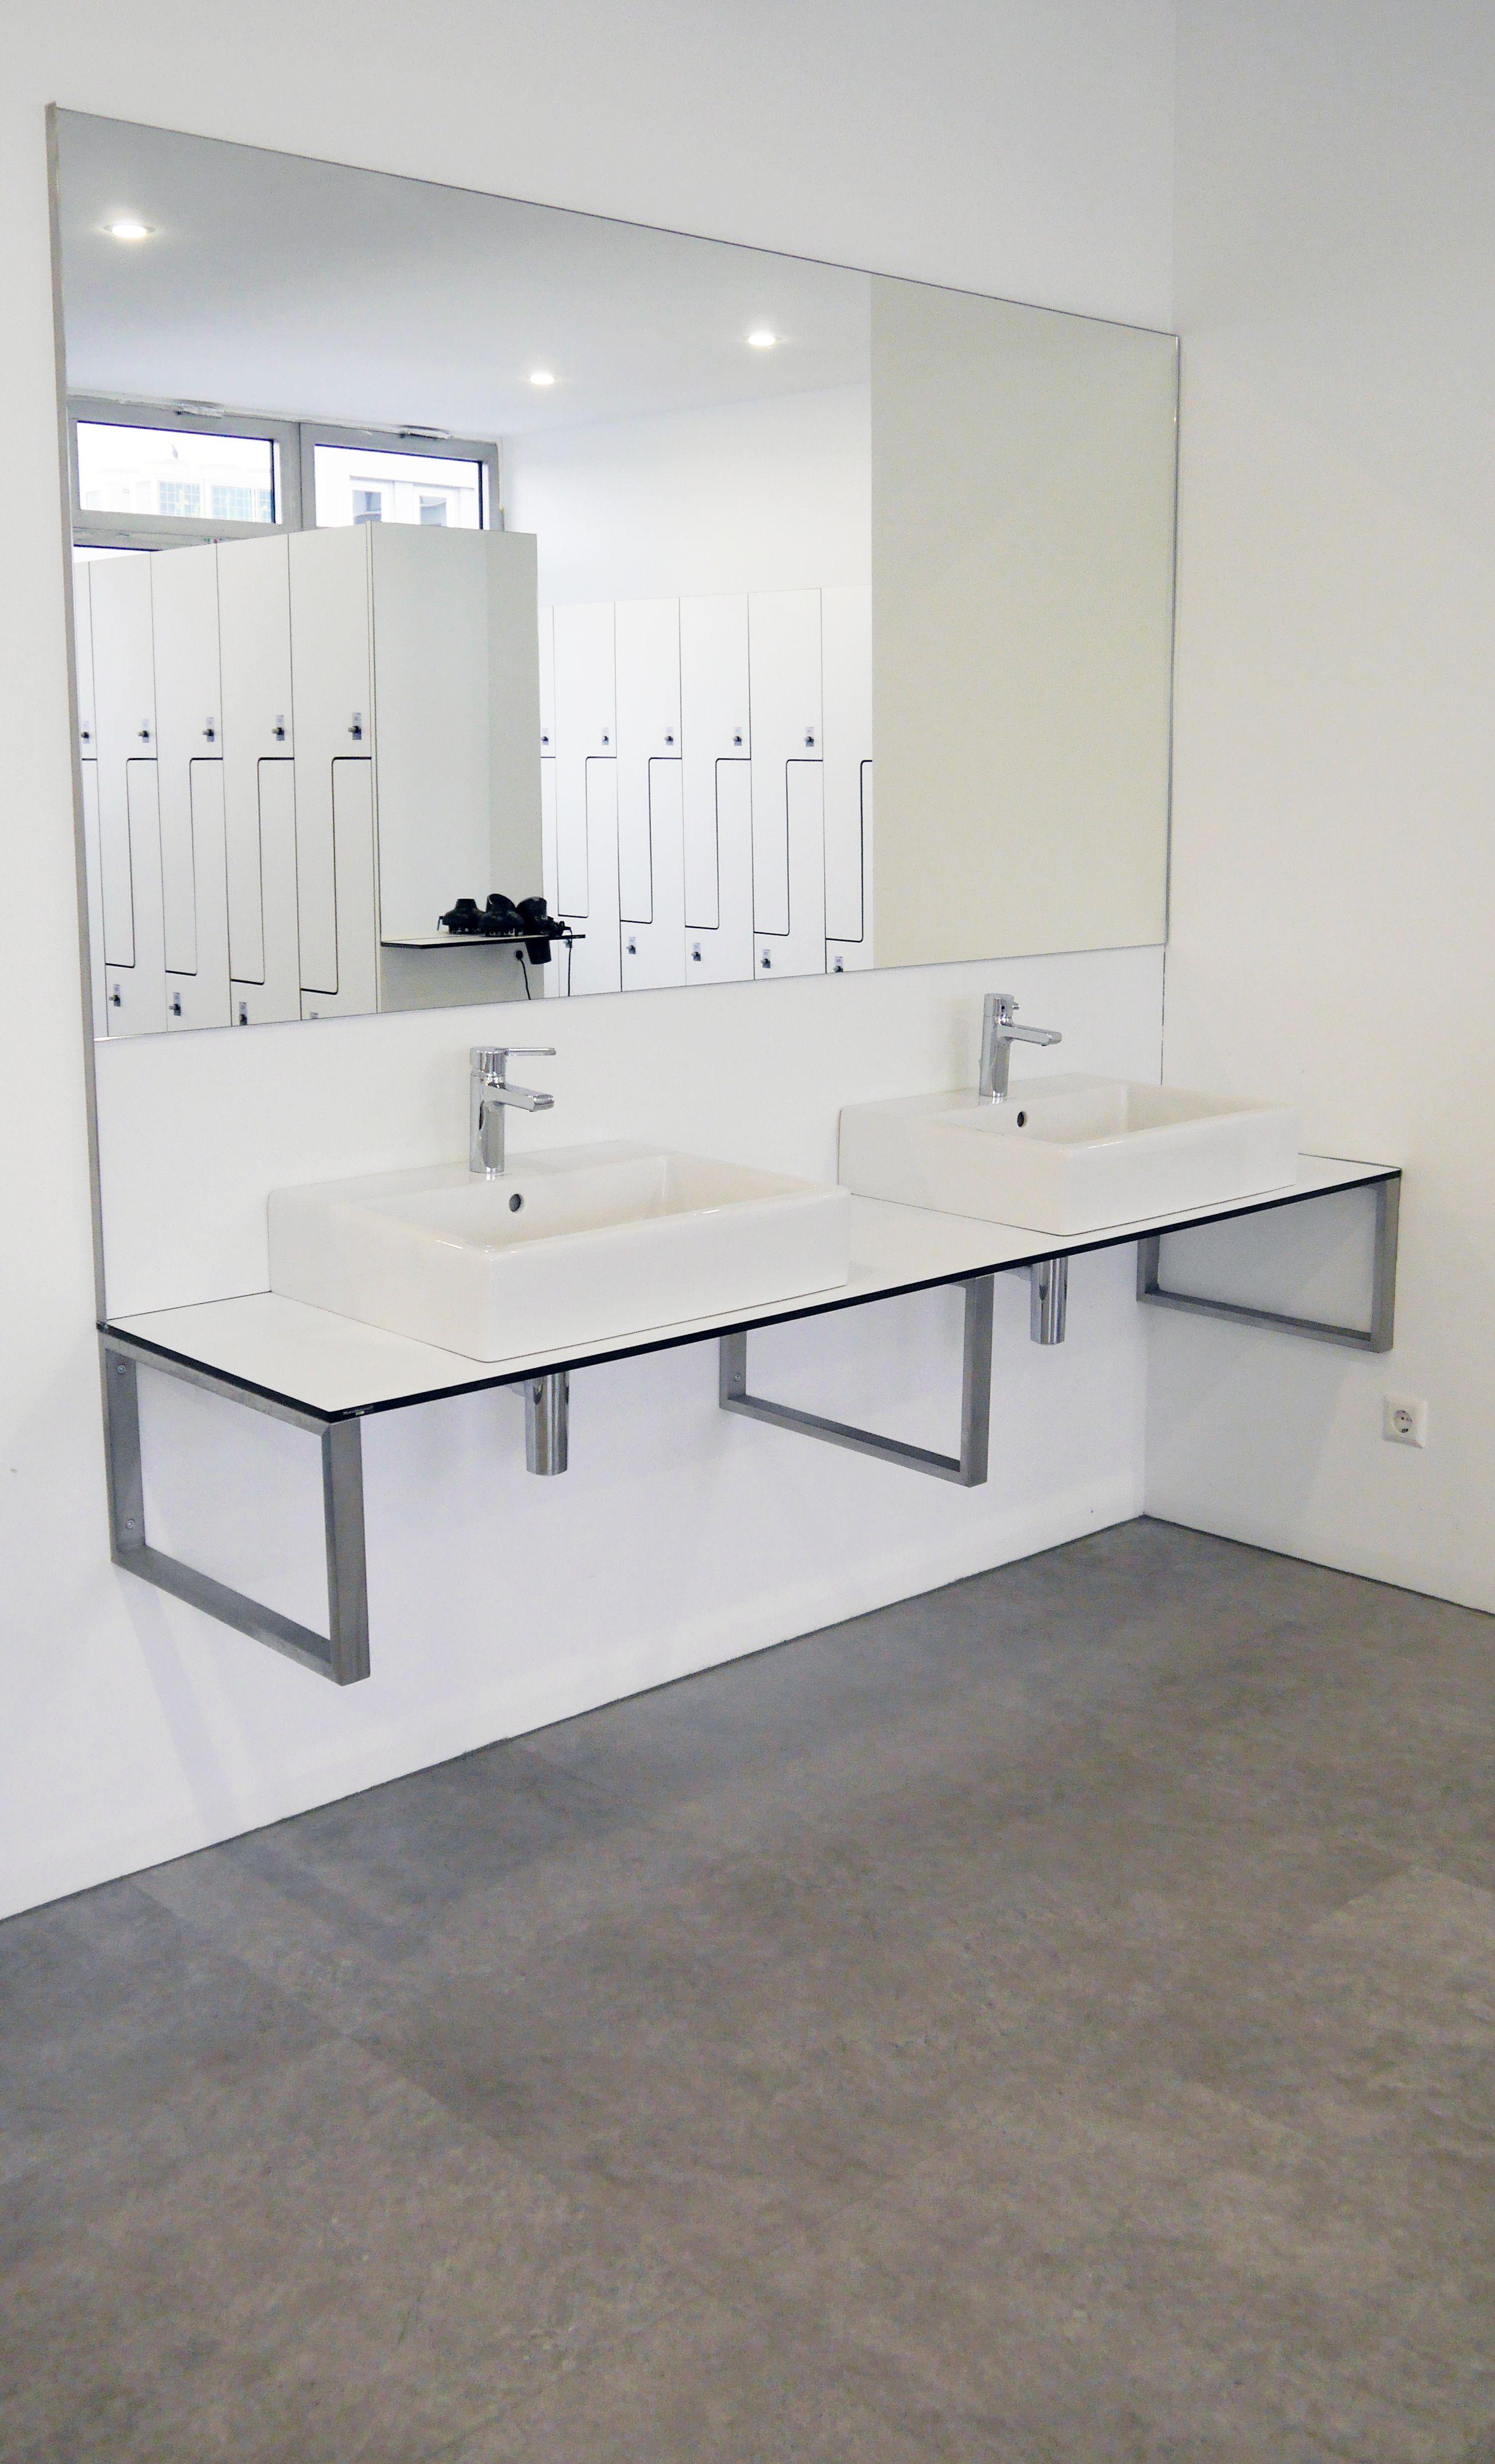 waschtisch mit doppelwaschbecken und spiegel. Black Bedroom Furniture Sets. Home Design Ideas